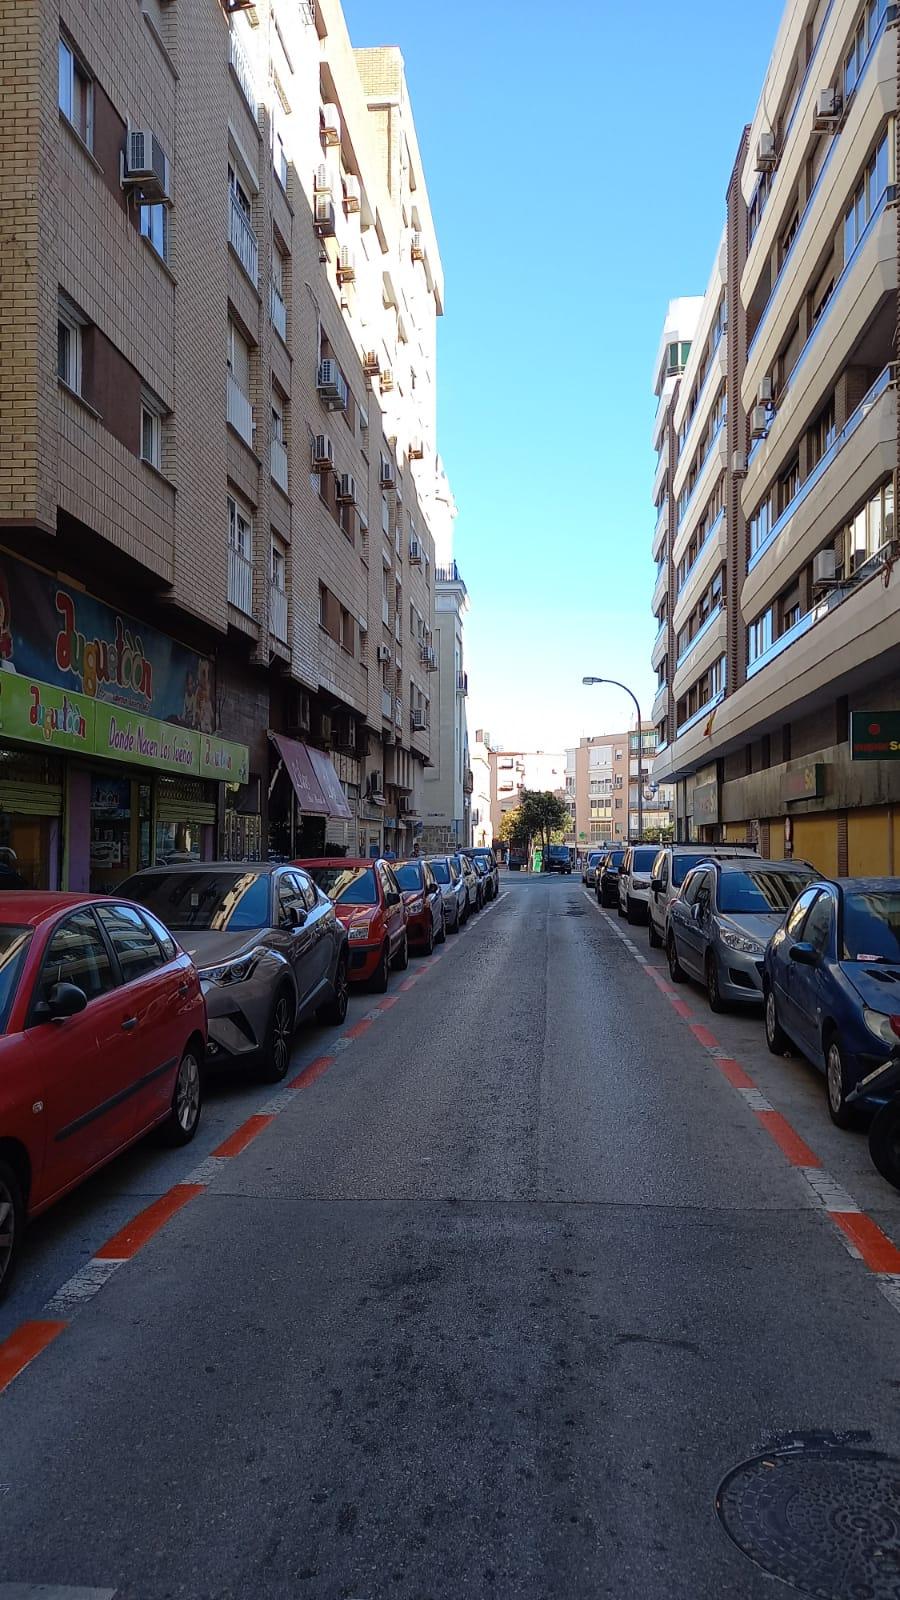 Piso en venta en Cádiz, Cádiz, Cádiz, Calle Garcia Carrera, 260.000 €, 4 habitaciones, 2 baños, 127 m2